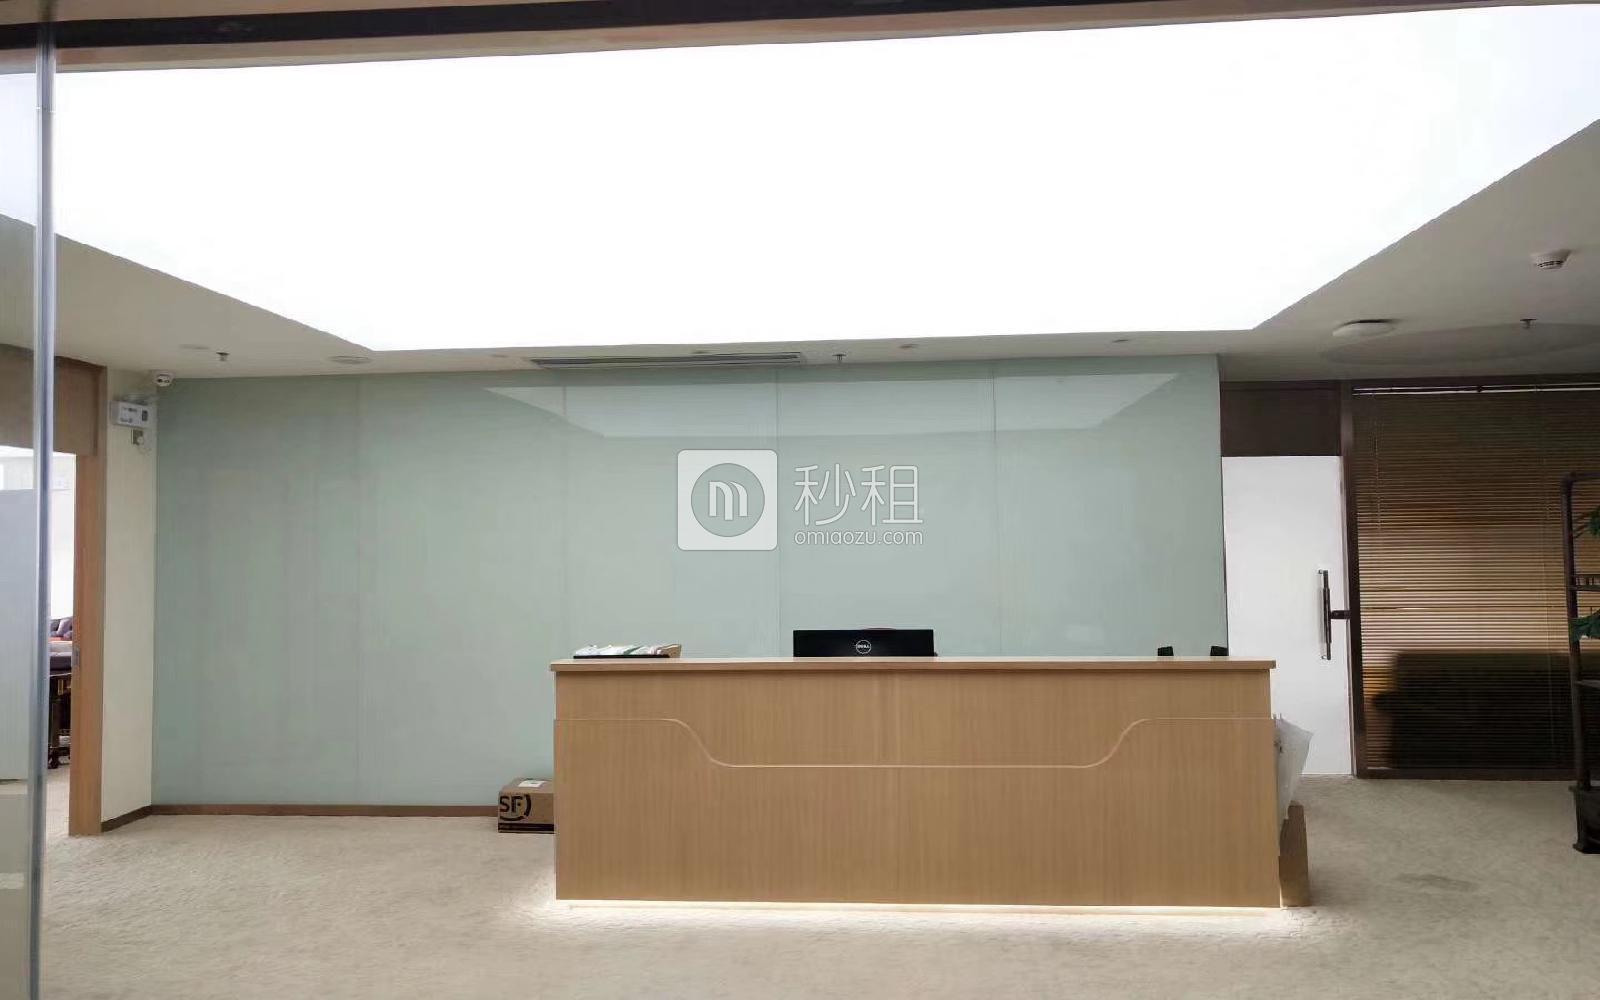 南山-科技园 深圳湾科技生态园(三期) 725m²